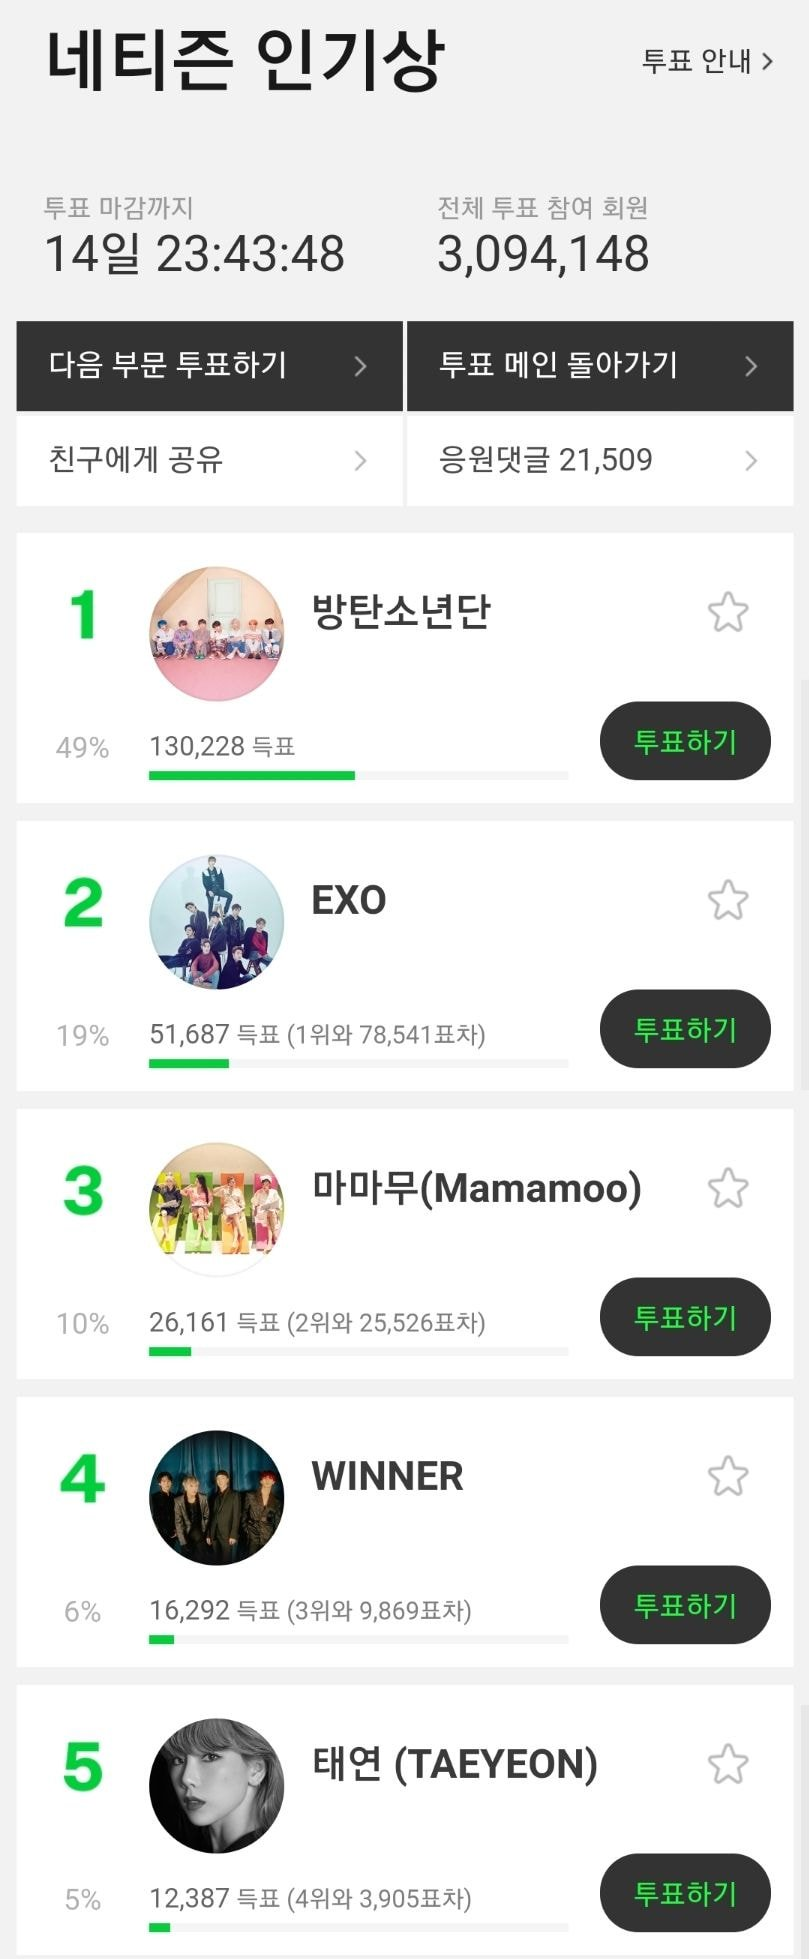 netizen popularity